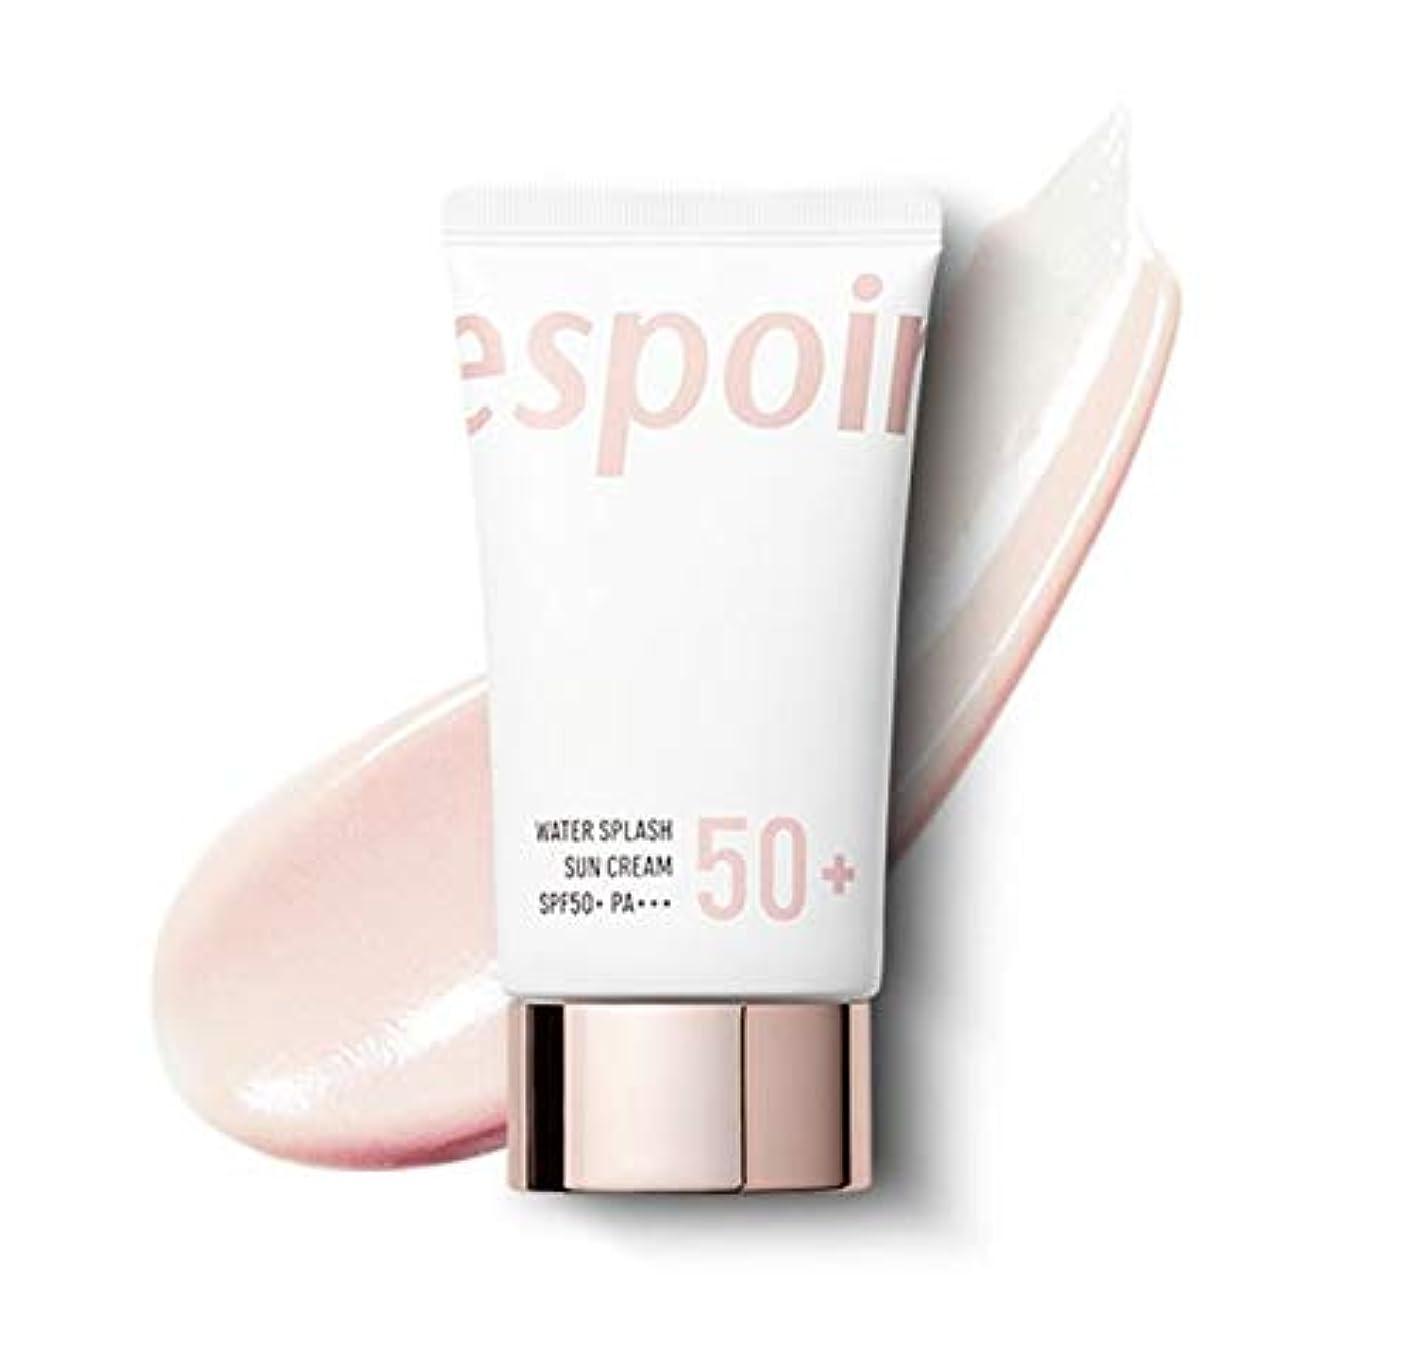 匹敵します途方もない追放eSpoir Water Splash Sun Cream SPF50+PA+++ (R) / エスポワール ウォータースプラッシュ サンクリーム 60ml [並行輸入品]